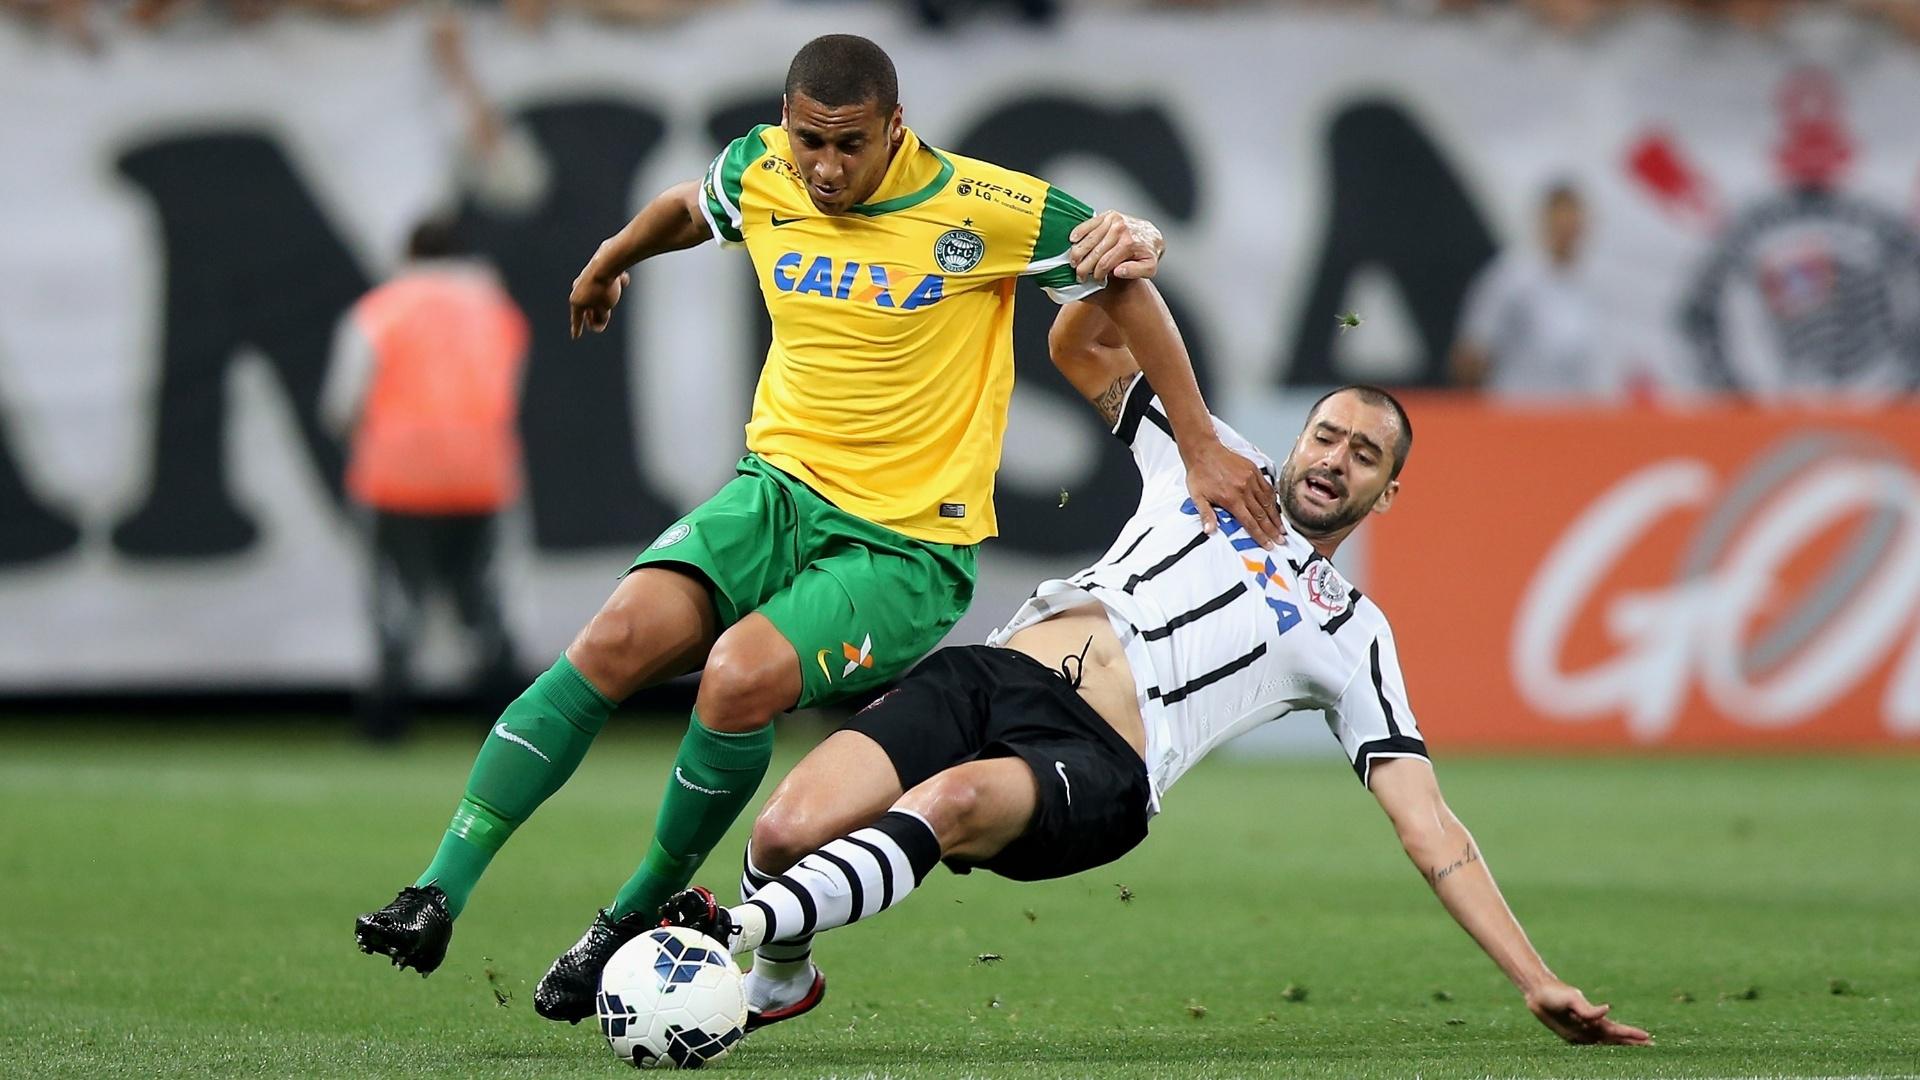 Danilo desarma Welington na partida entre Corinthians e Coritiba pelo Brasileirão